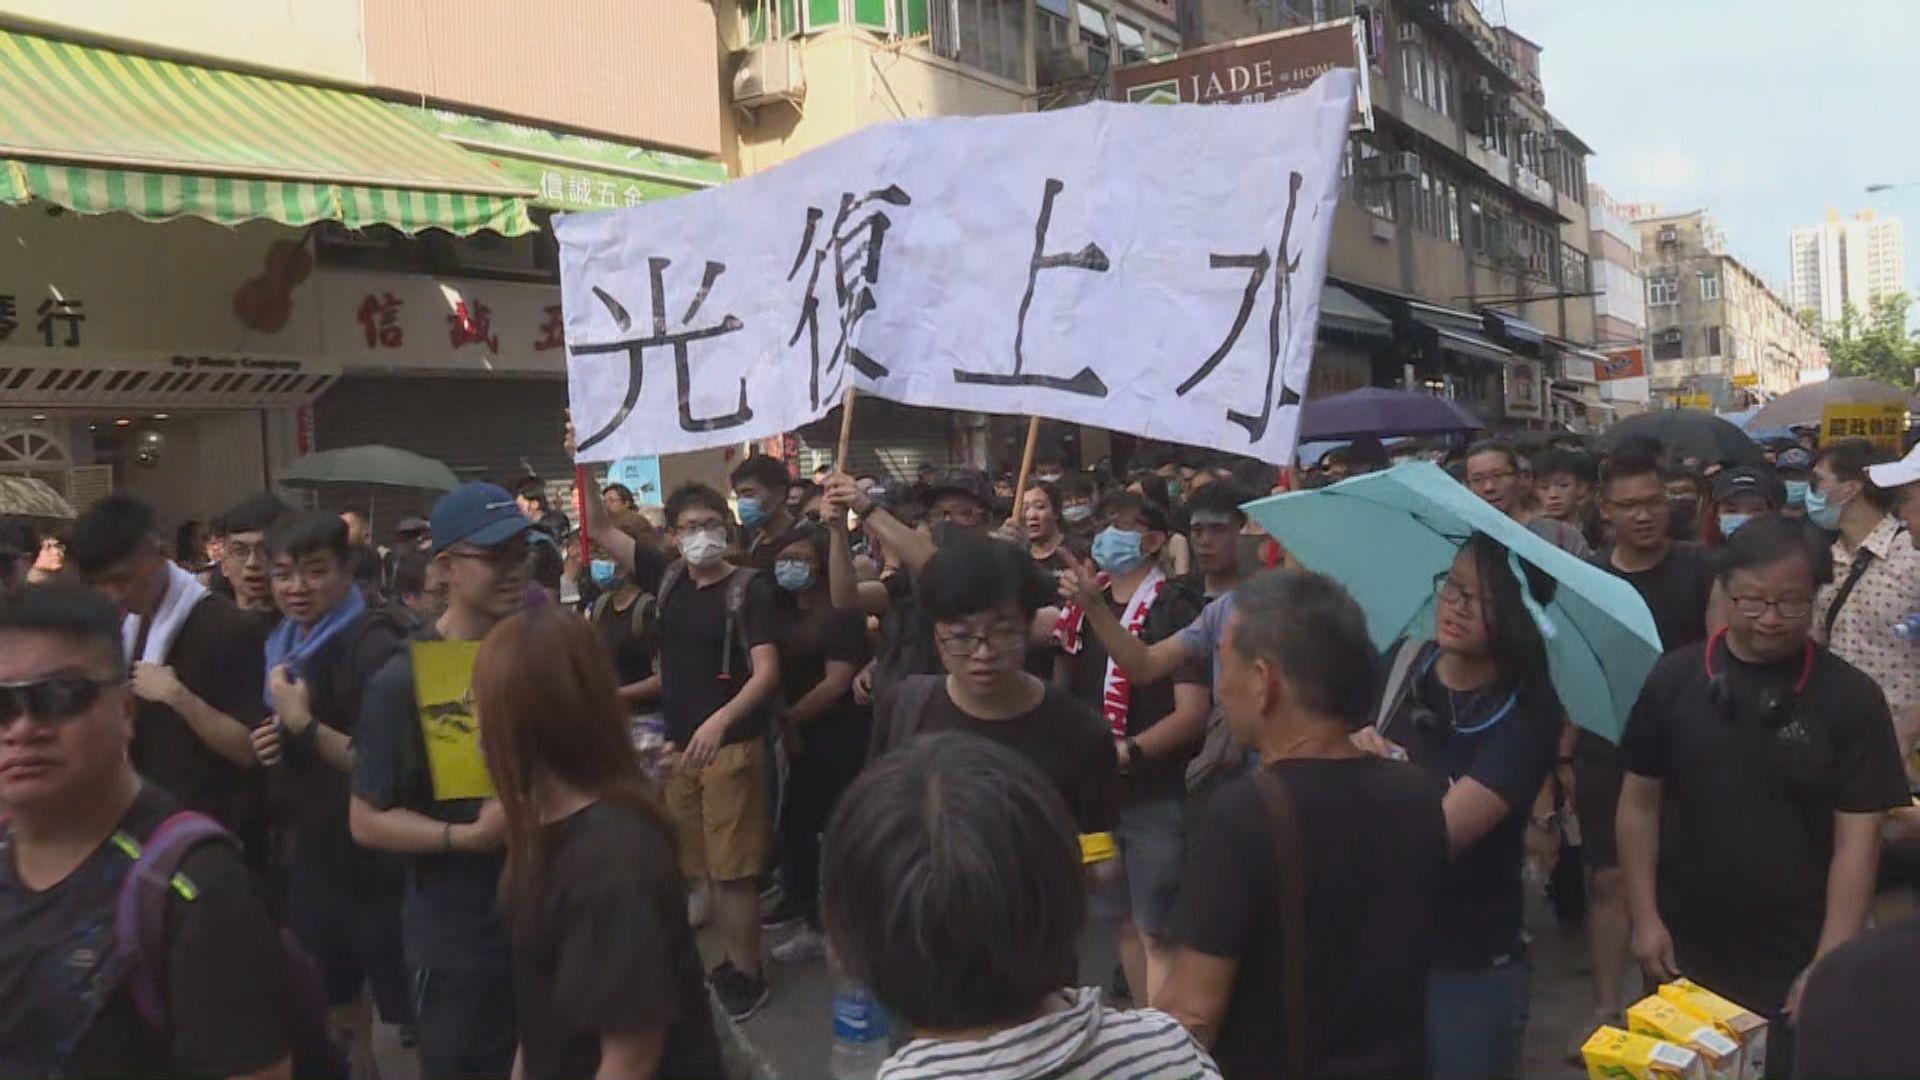 光復上水遊行主辦單位指三萬人參加 警方指四千人參與